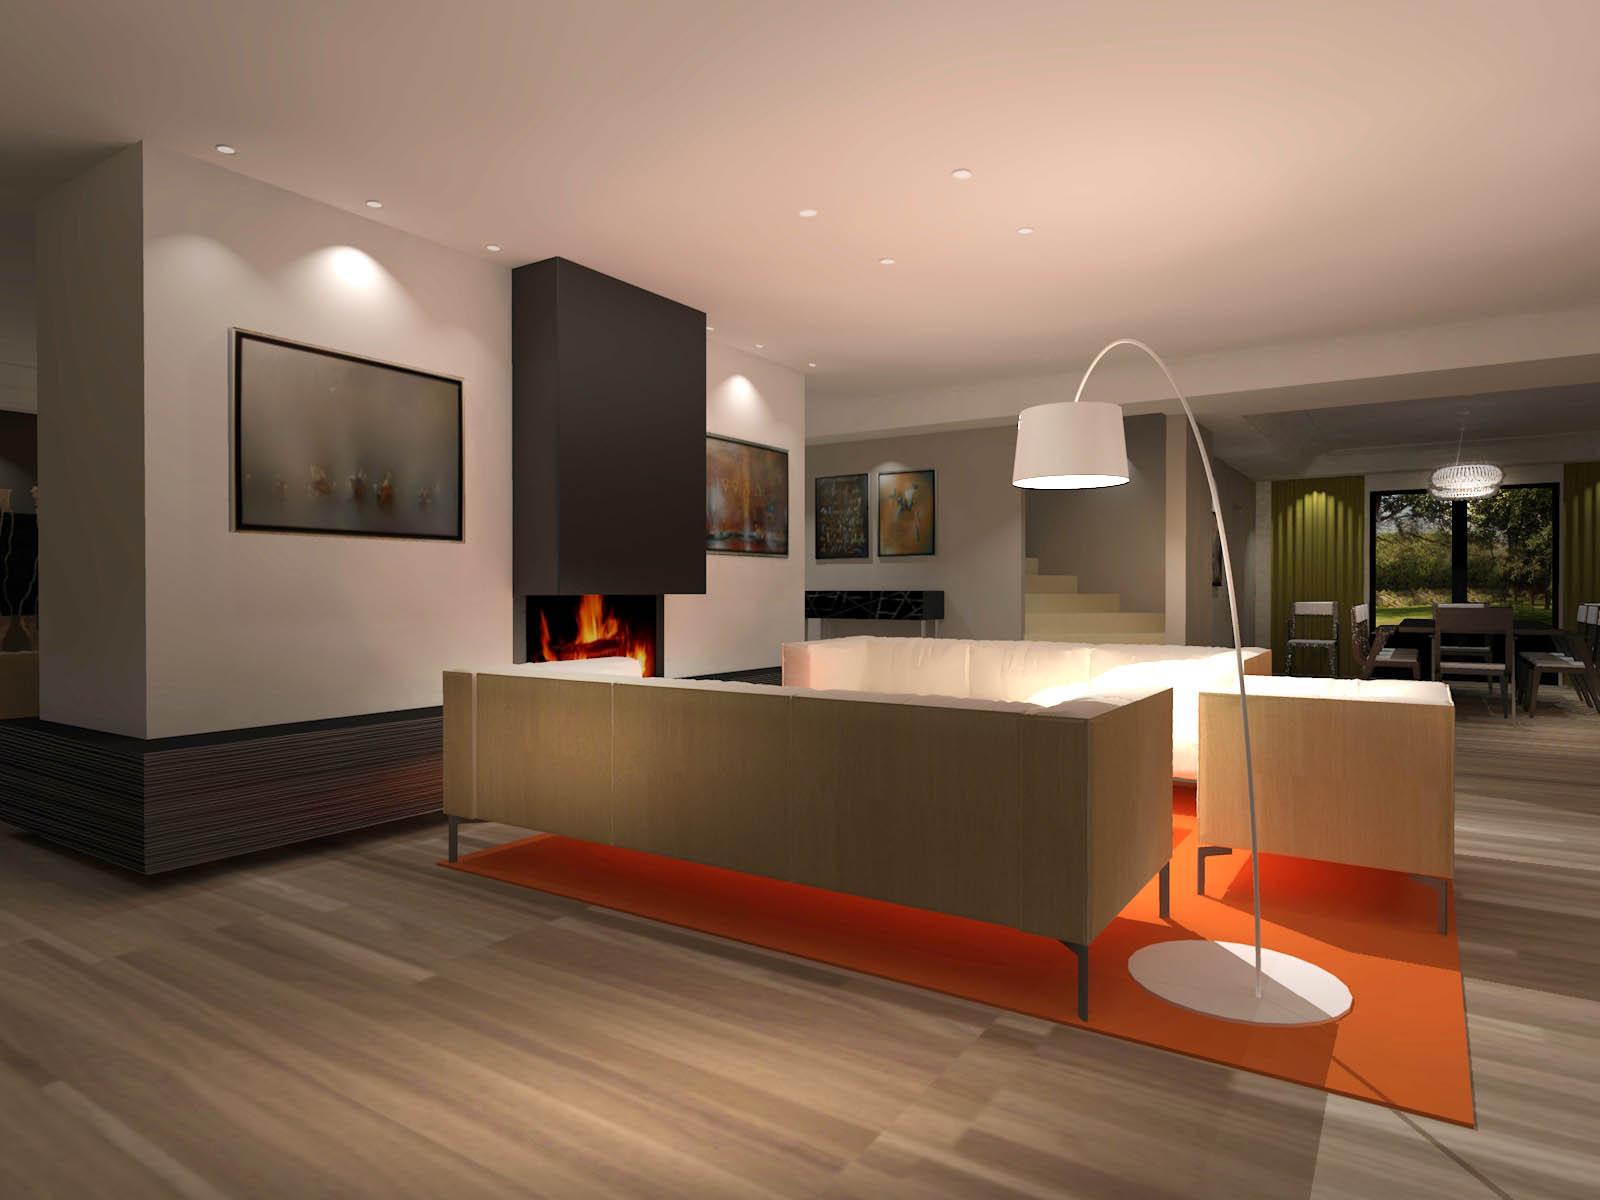 Extrem Aménagement intérieur Maison H | ABW Warnant Architecte OG21